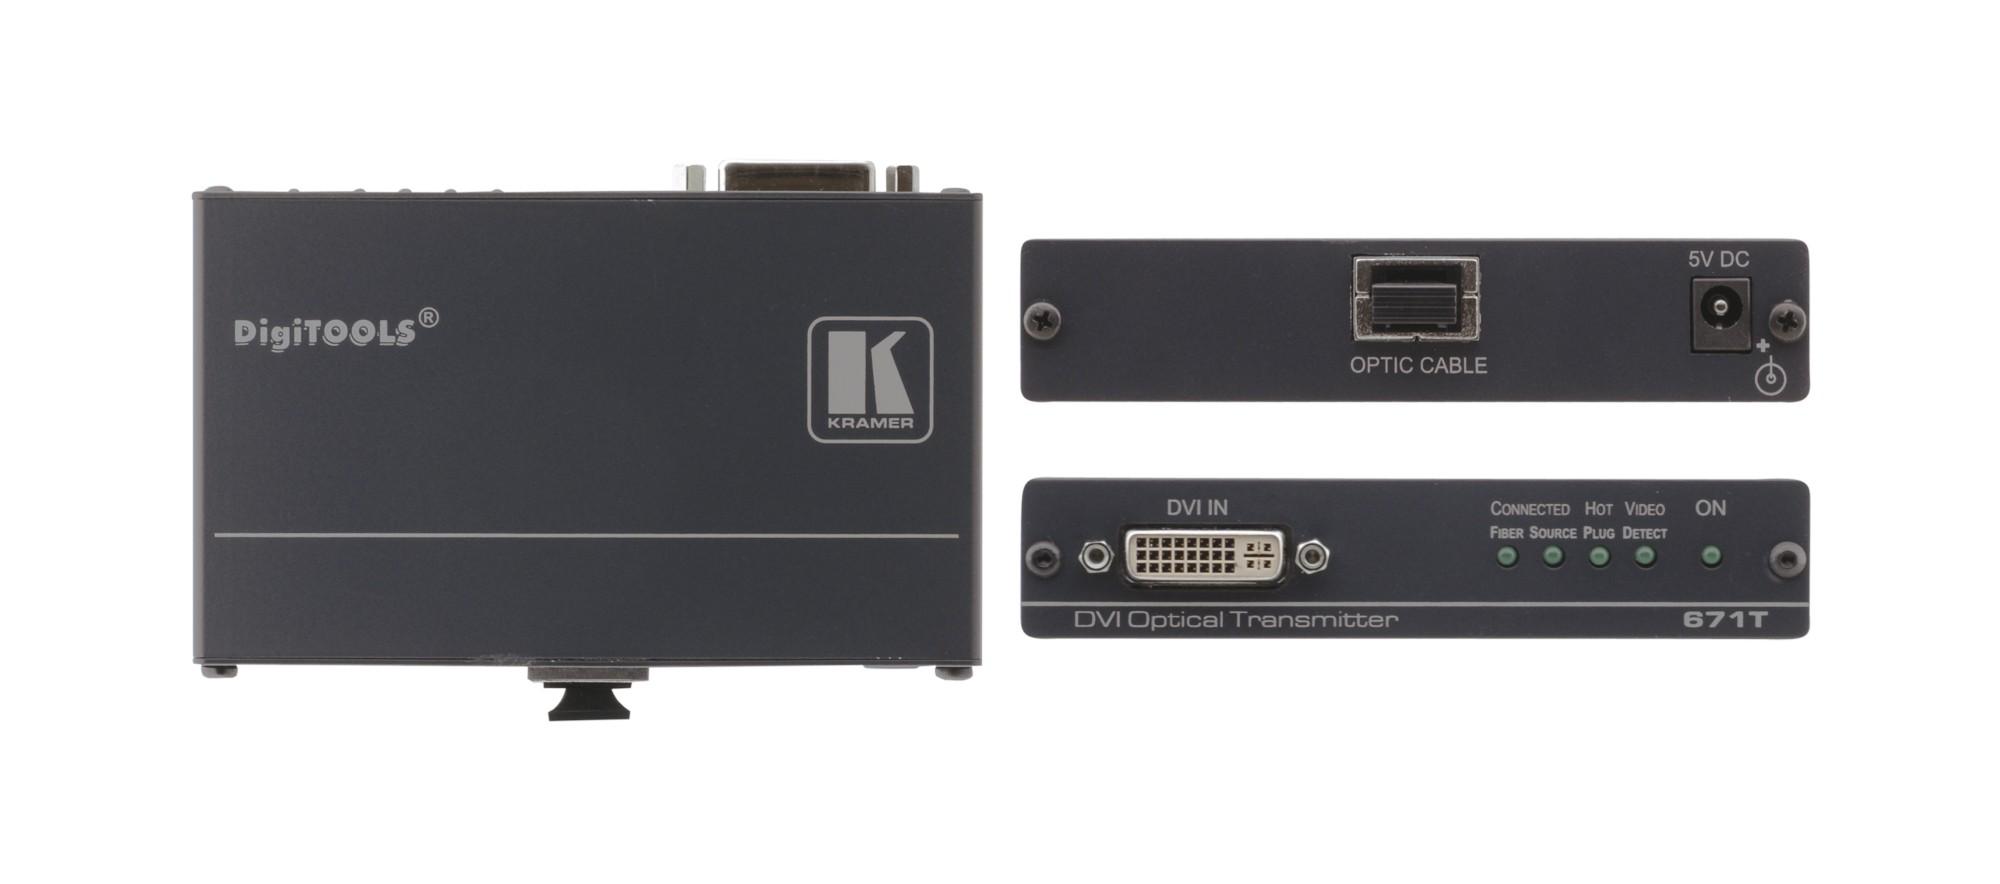 Kramer Electronics 671T AV transmitter Black AV extender